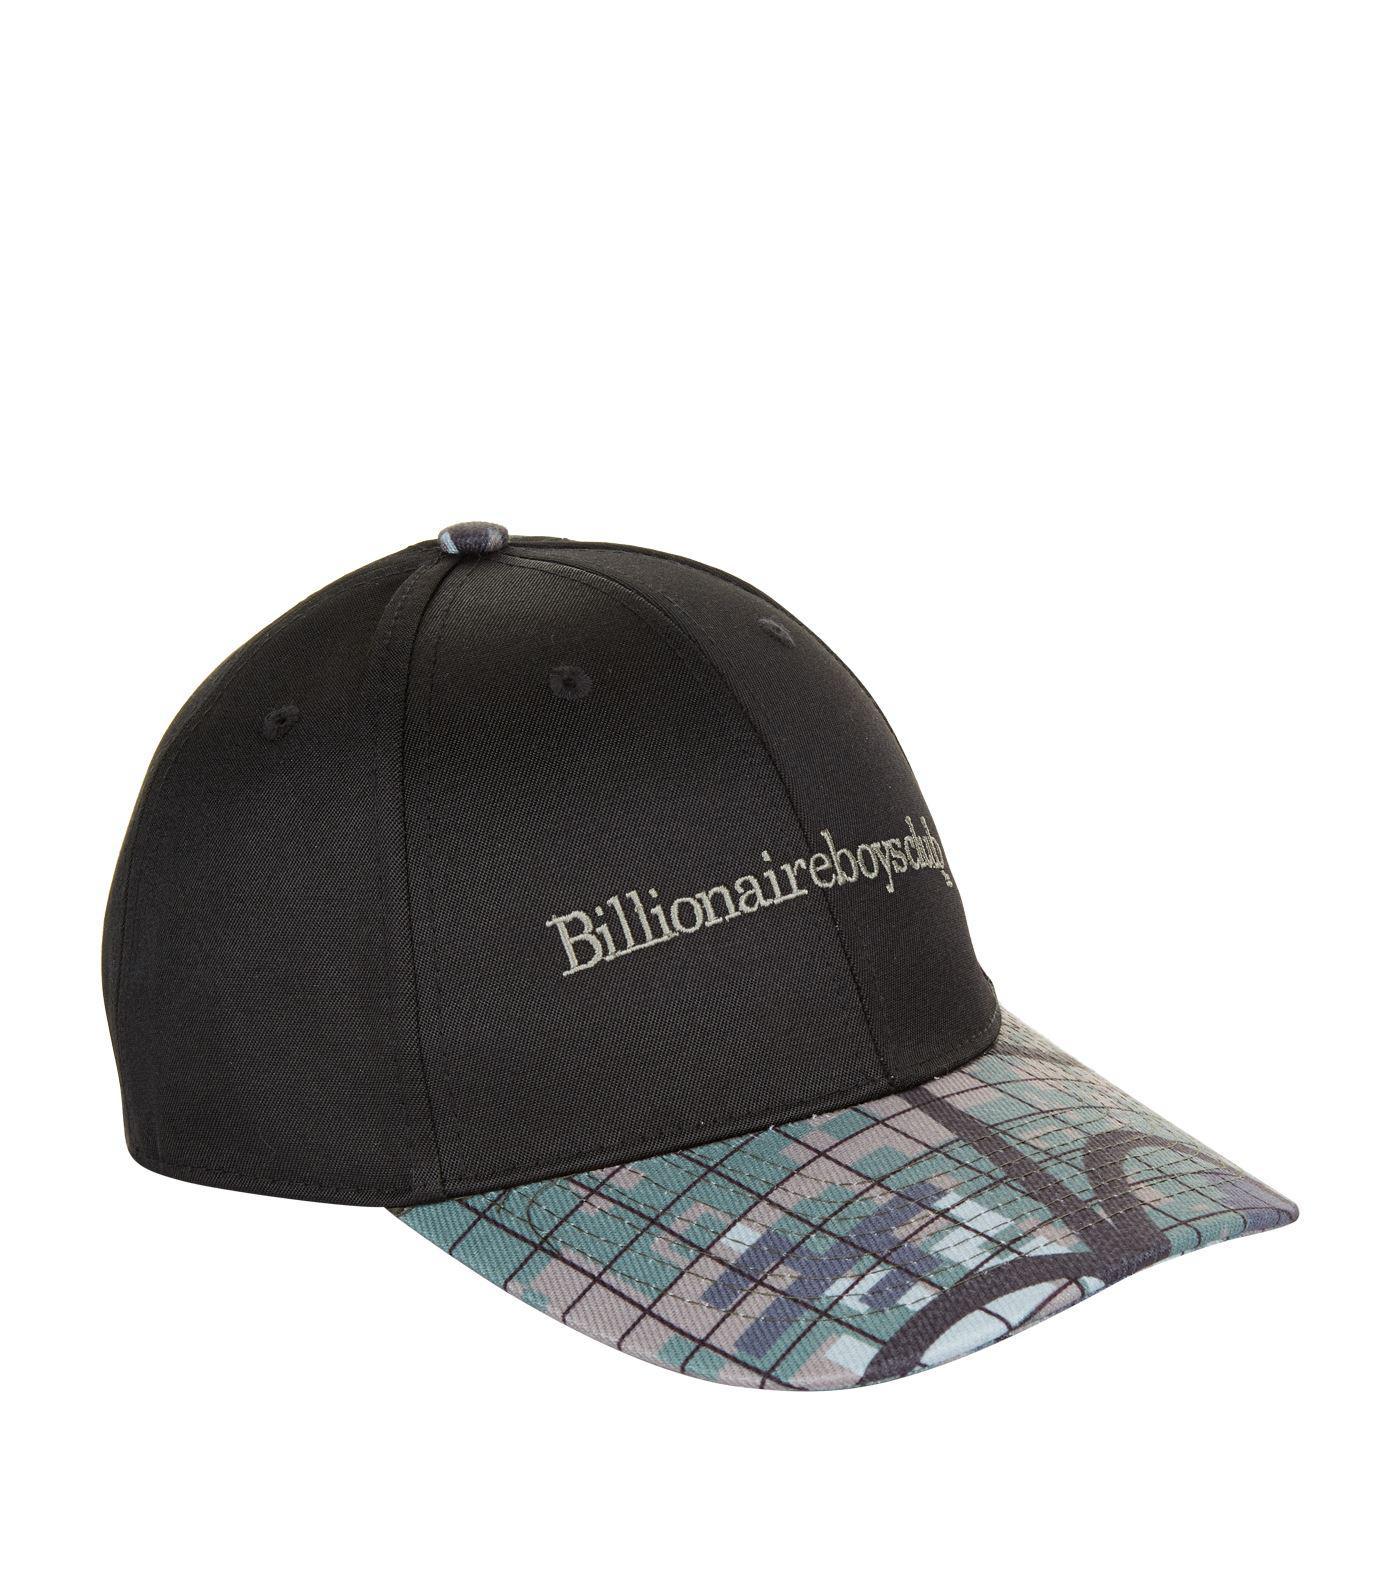 040e6709795 Bbcicecream Climbing Camo Print Baseball Cap in Black for Men - Lyst